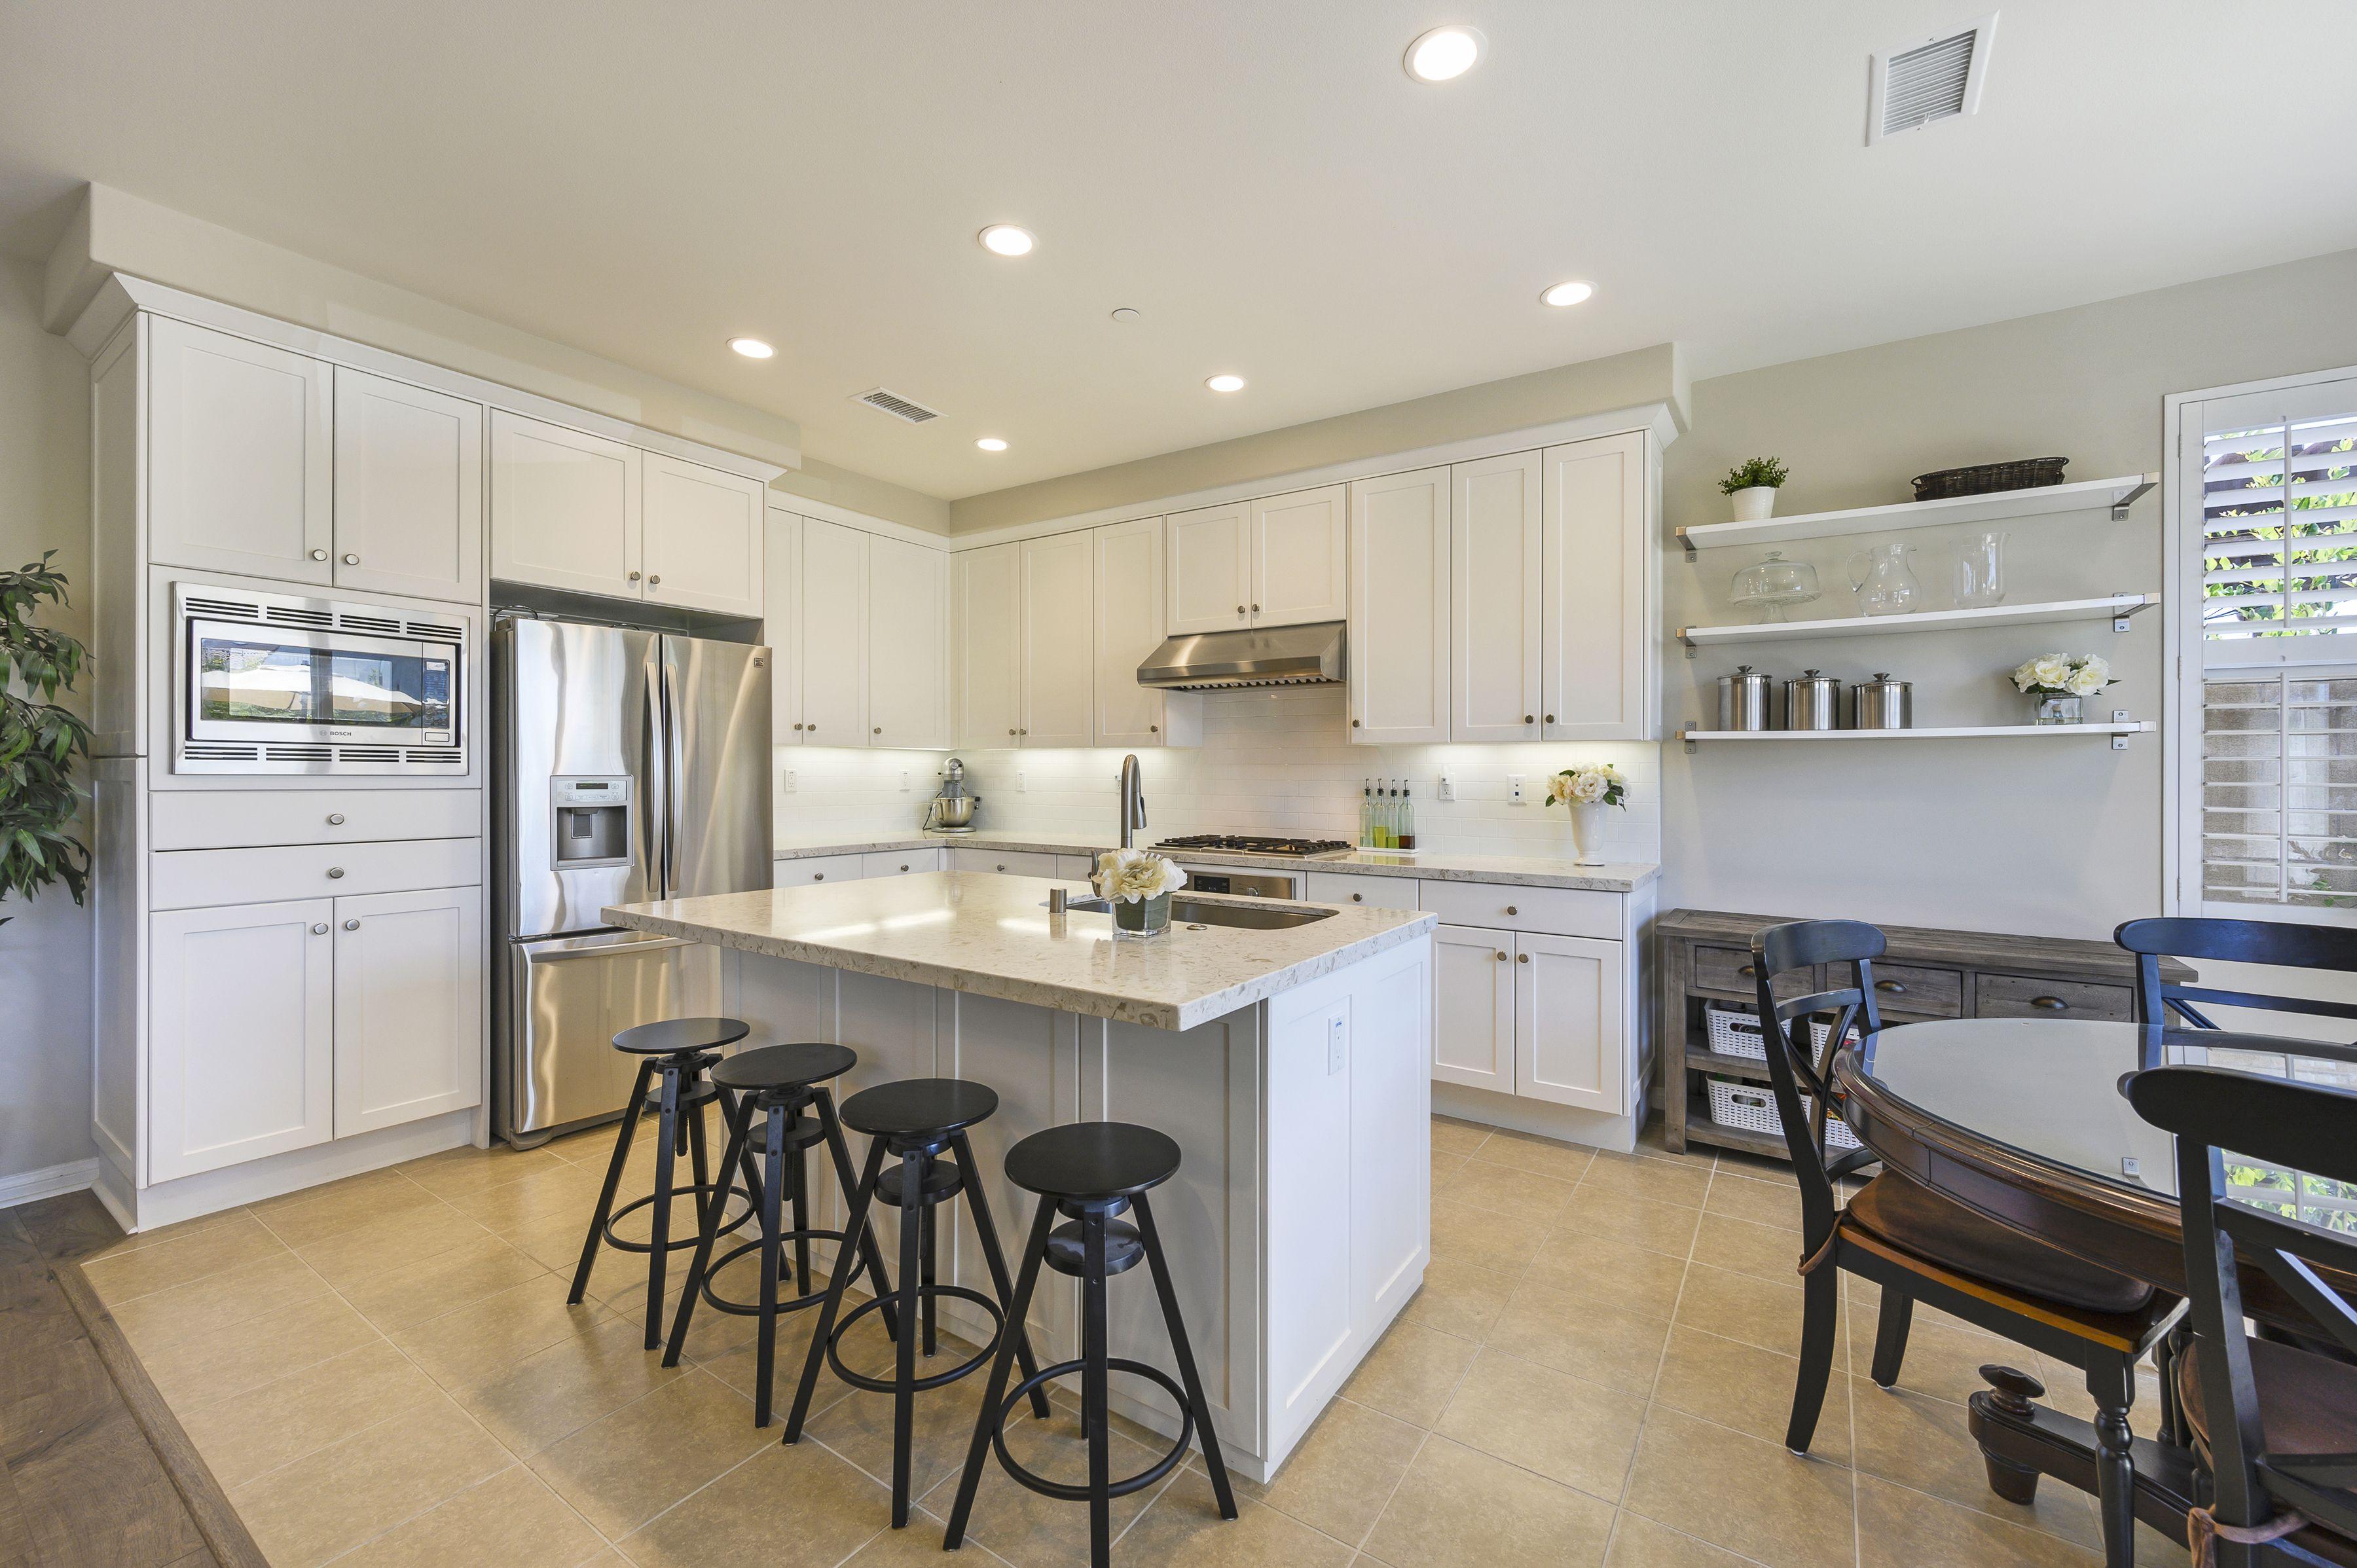 143 Full Sun Irvine White Shaker Cabinets Cool Kitchens Dream Kitchen